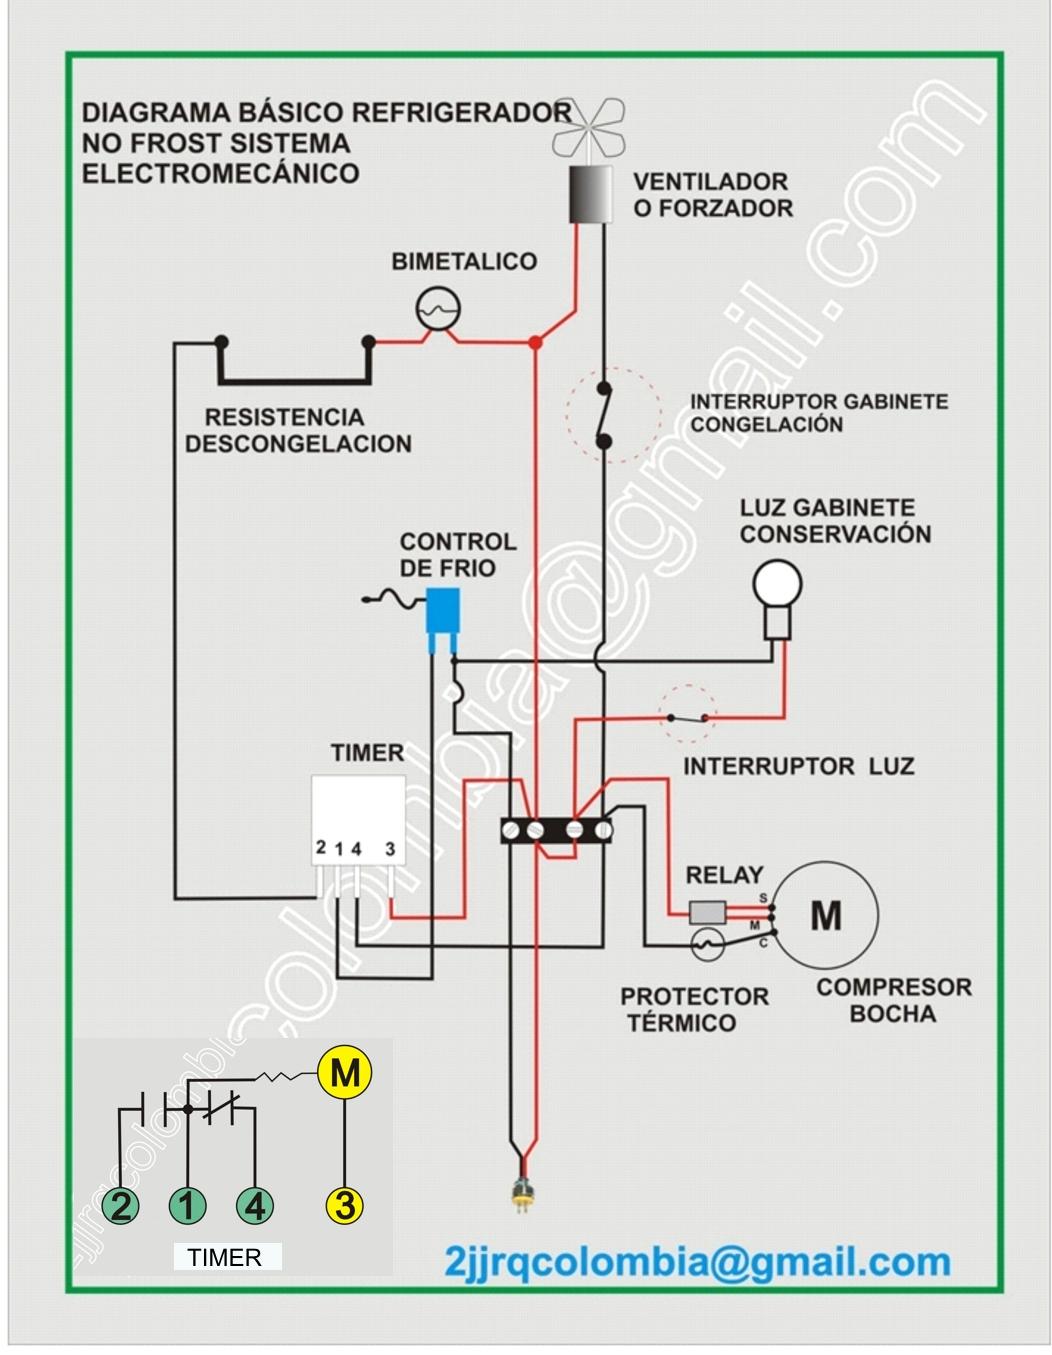 Circuito Electrico Heladera Comercial : Diagrama electrico de un refrigerador whirlpool